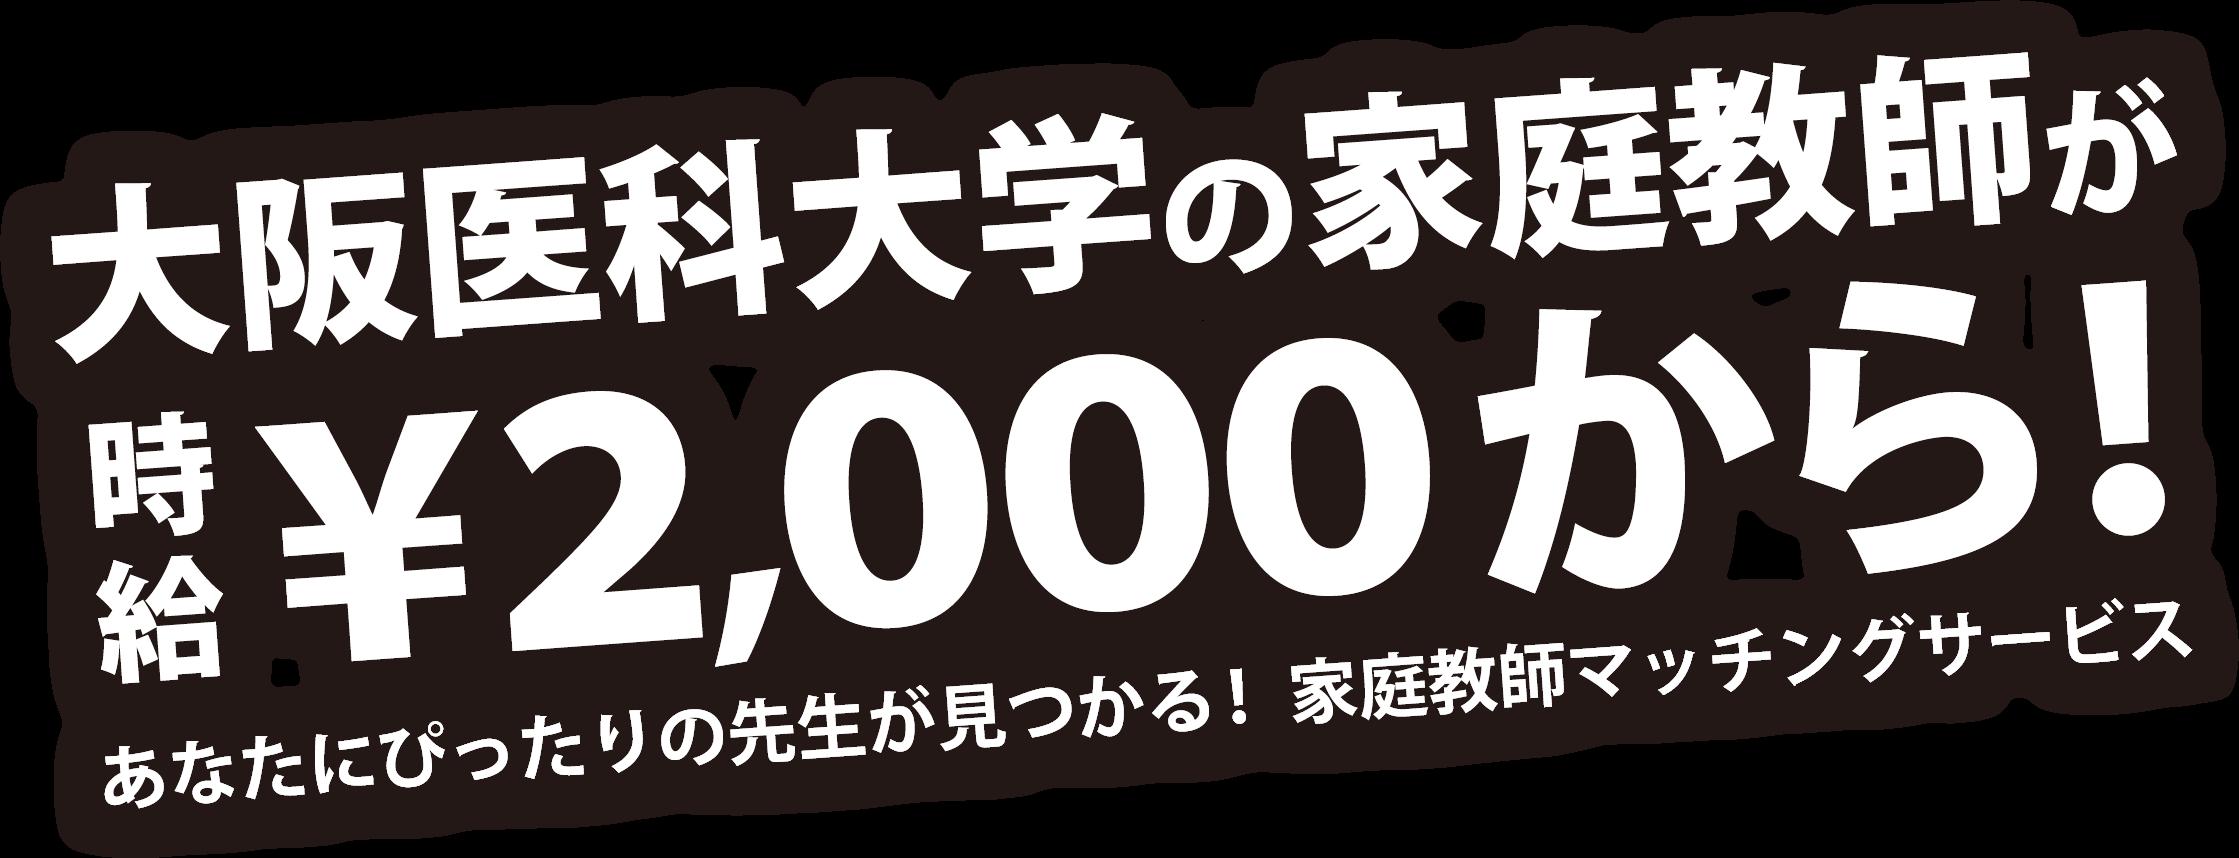 大阪医科大学の家庭教師が時給¥2,000から!あなたにぴったりの先生が見つかる!家庭教師マッチングサービス